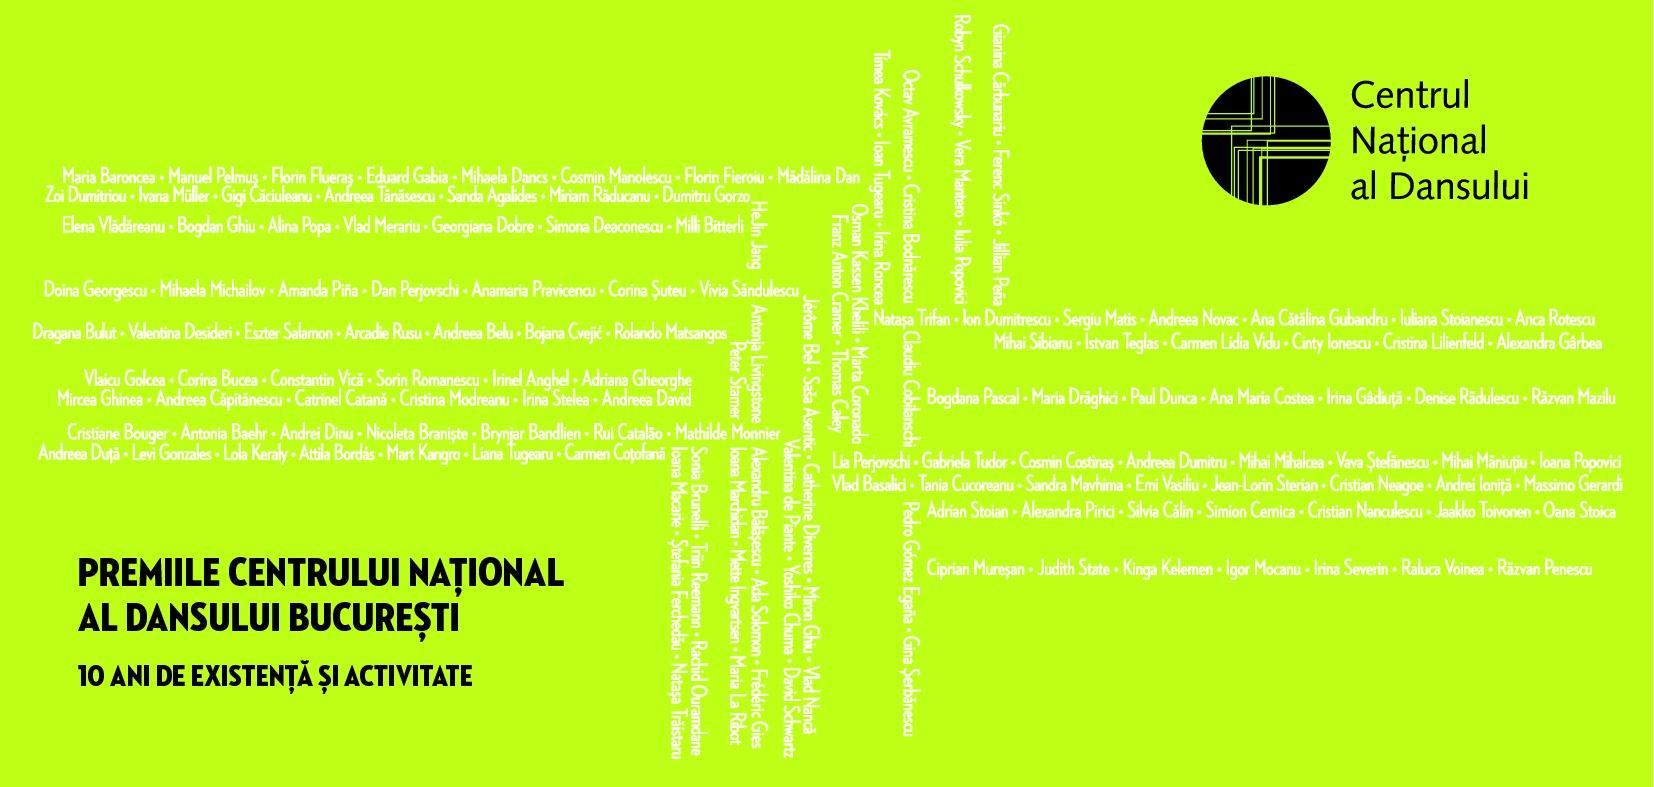 Premiile Centrului Național al Dansului București. 10 ani de existență și activitate